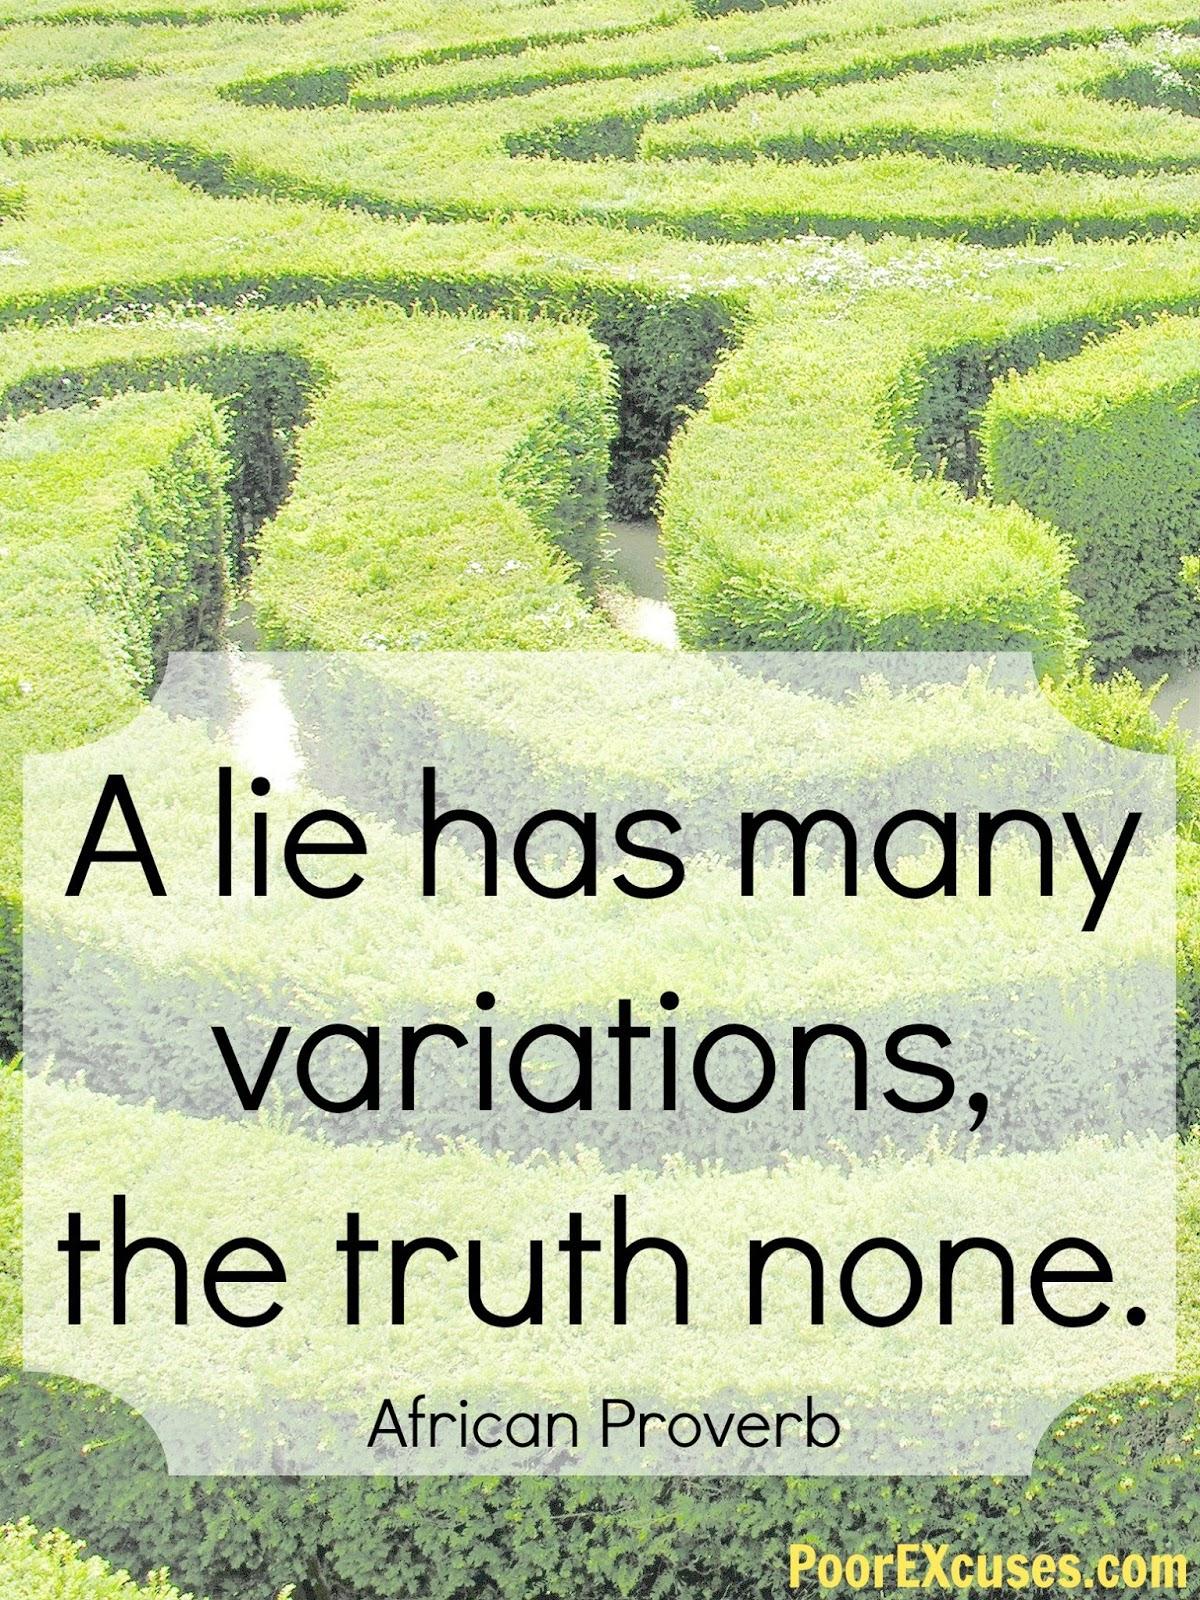 The Destructive Power of Lies